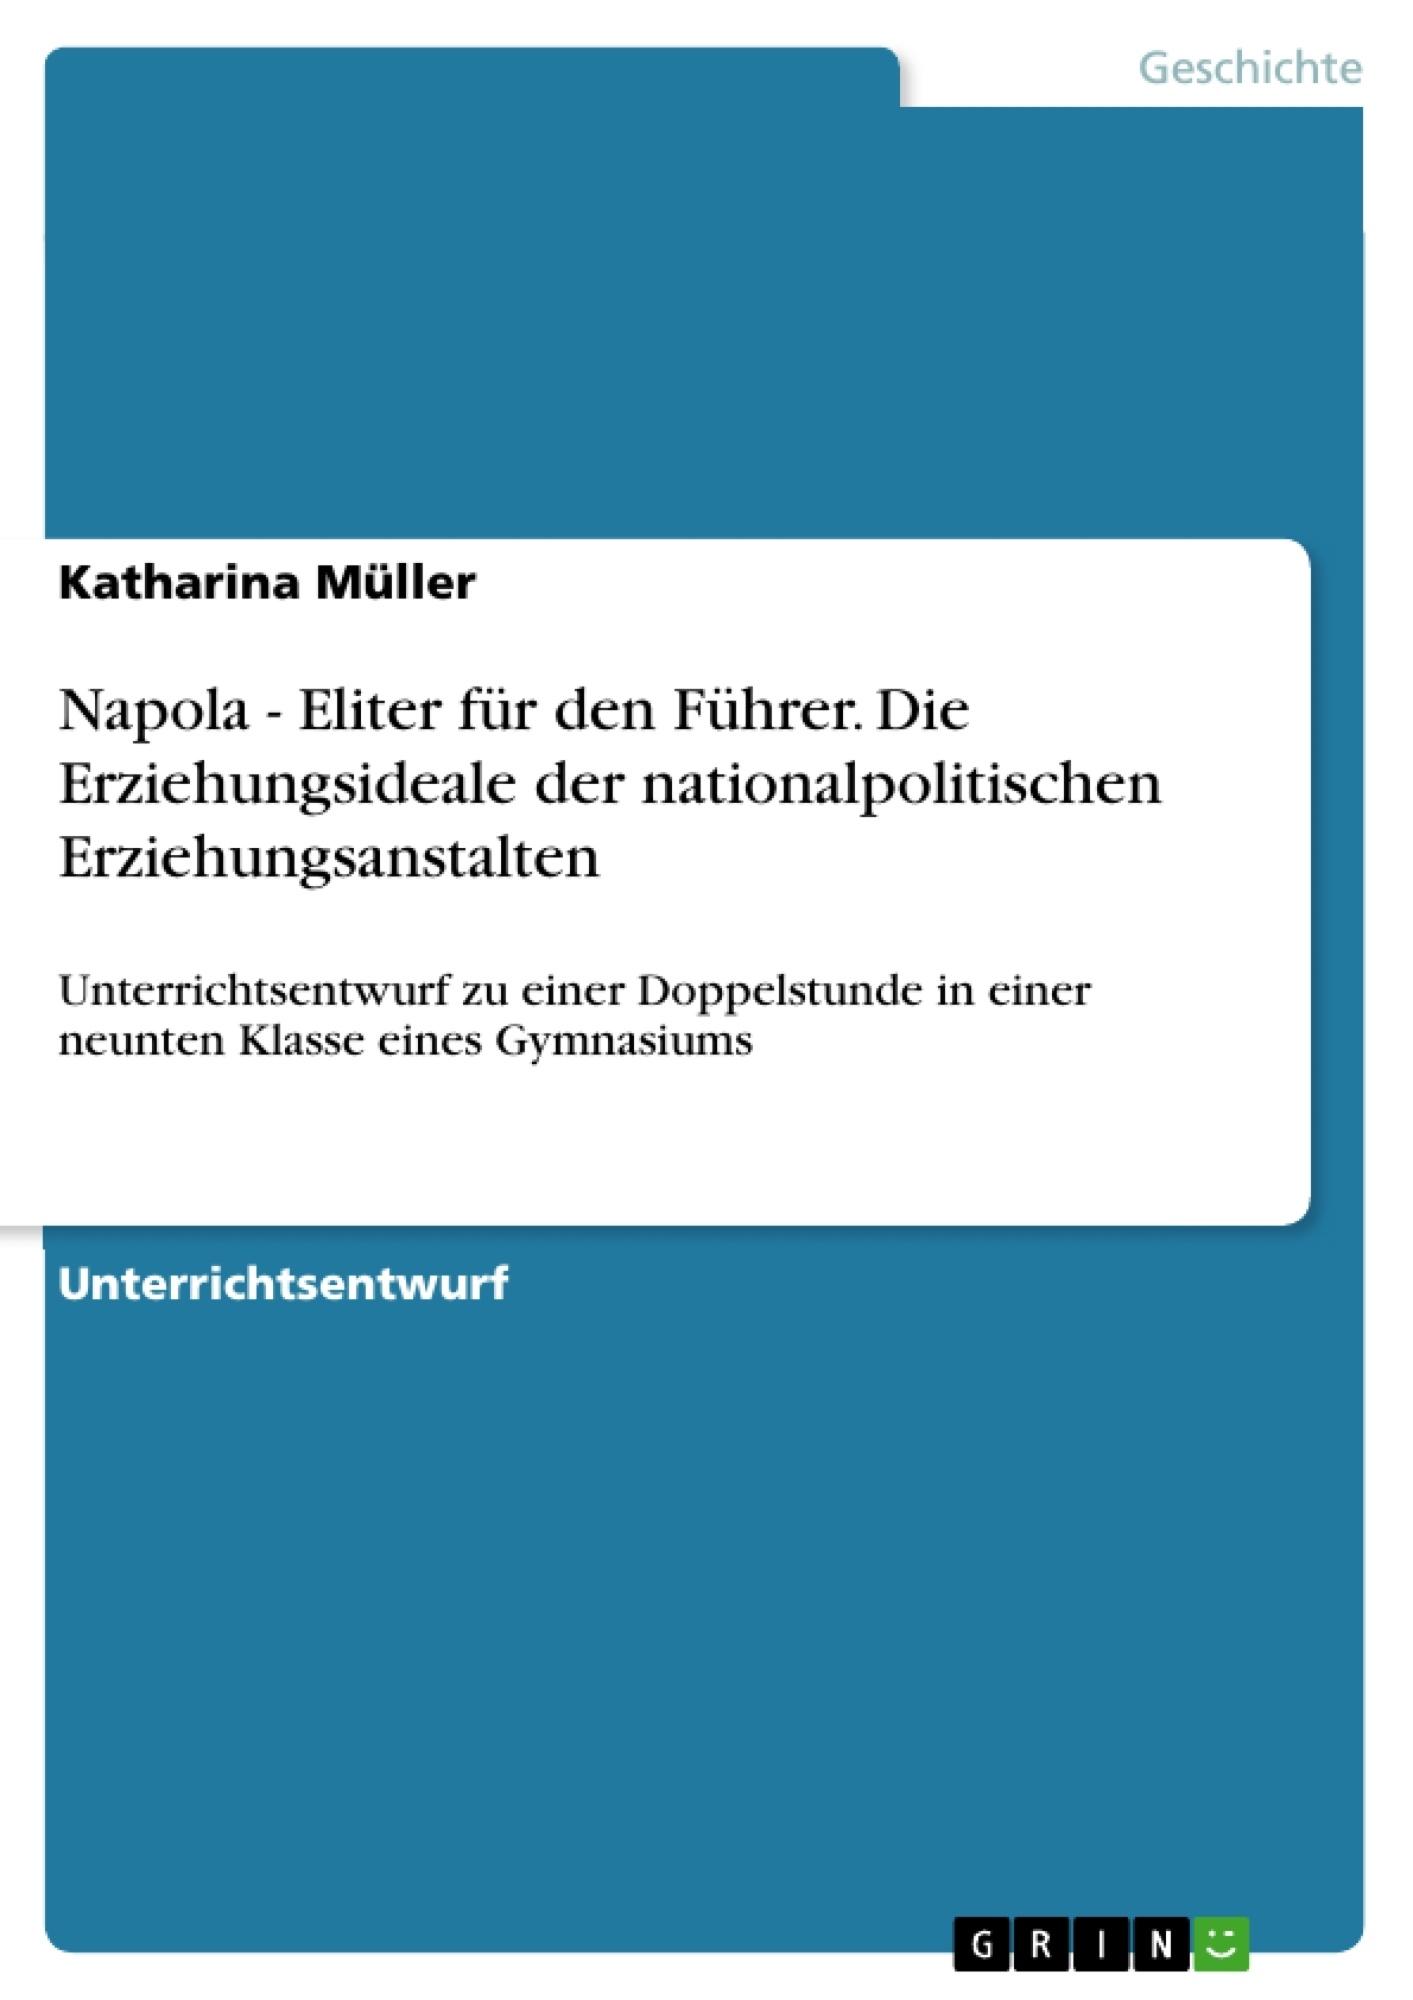 Titel: Napola - Eliter für den Führer. Die Erziehungsideale der nationalpolitischen Erziehungsanstalten